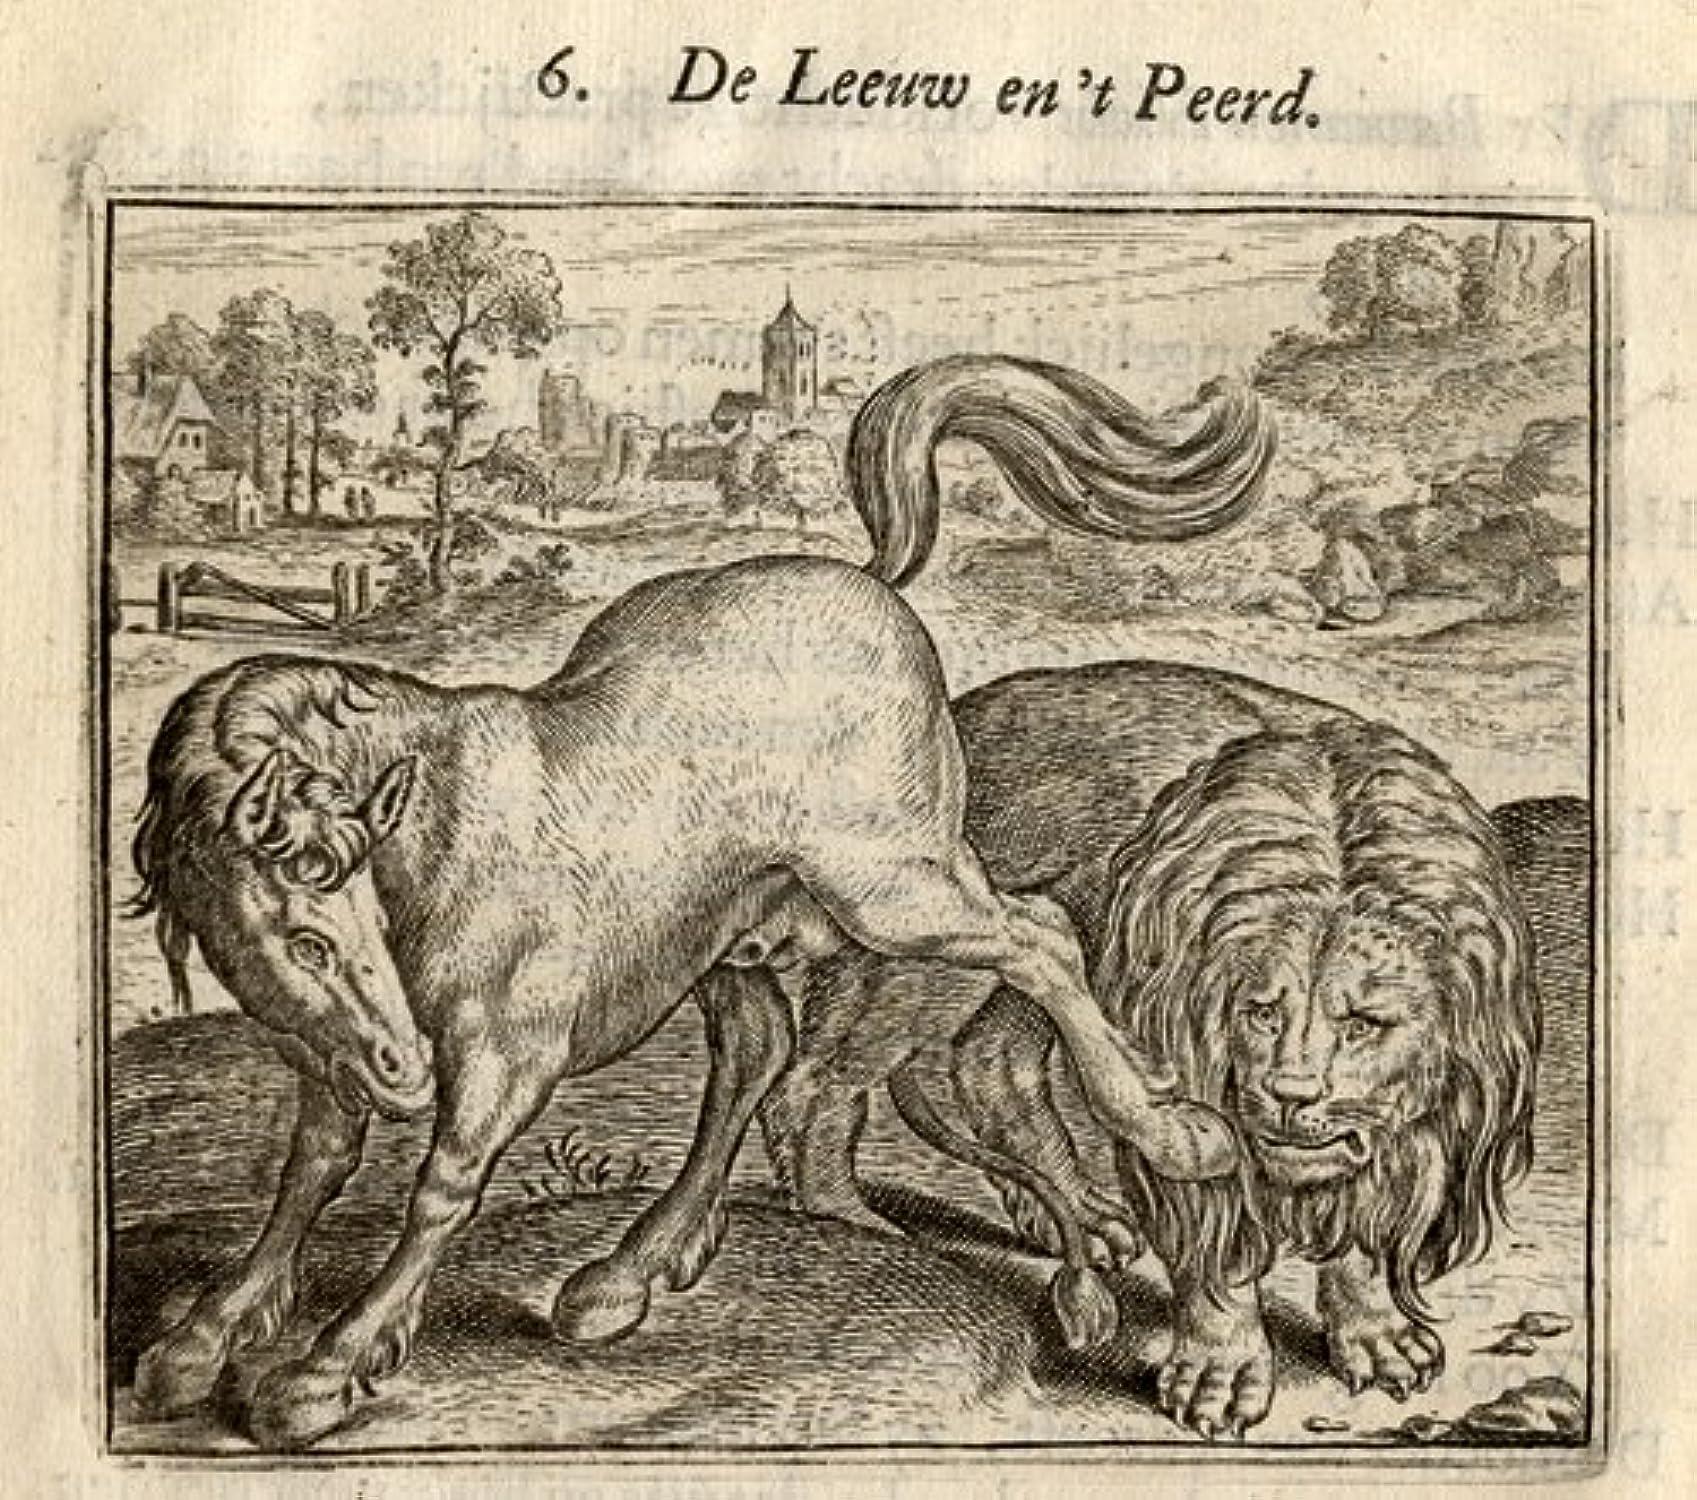 Venta al por mayor barato y de alta calidad. Emblema Emblema Emblema antiguo ThePrintsCollector cruzerlite-león-mactack-Vondel-Geraerts-1720  diseños exclusivos